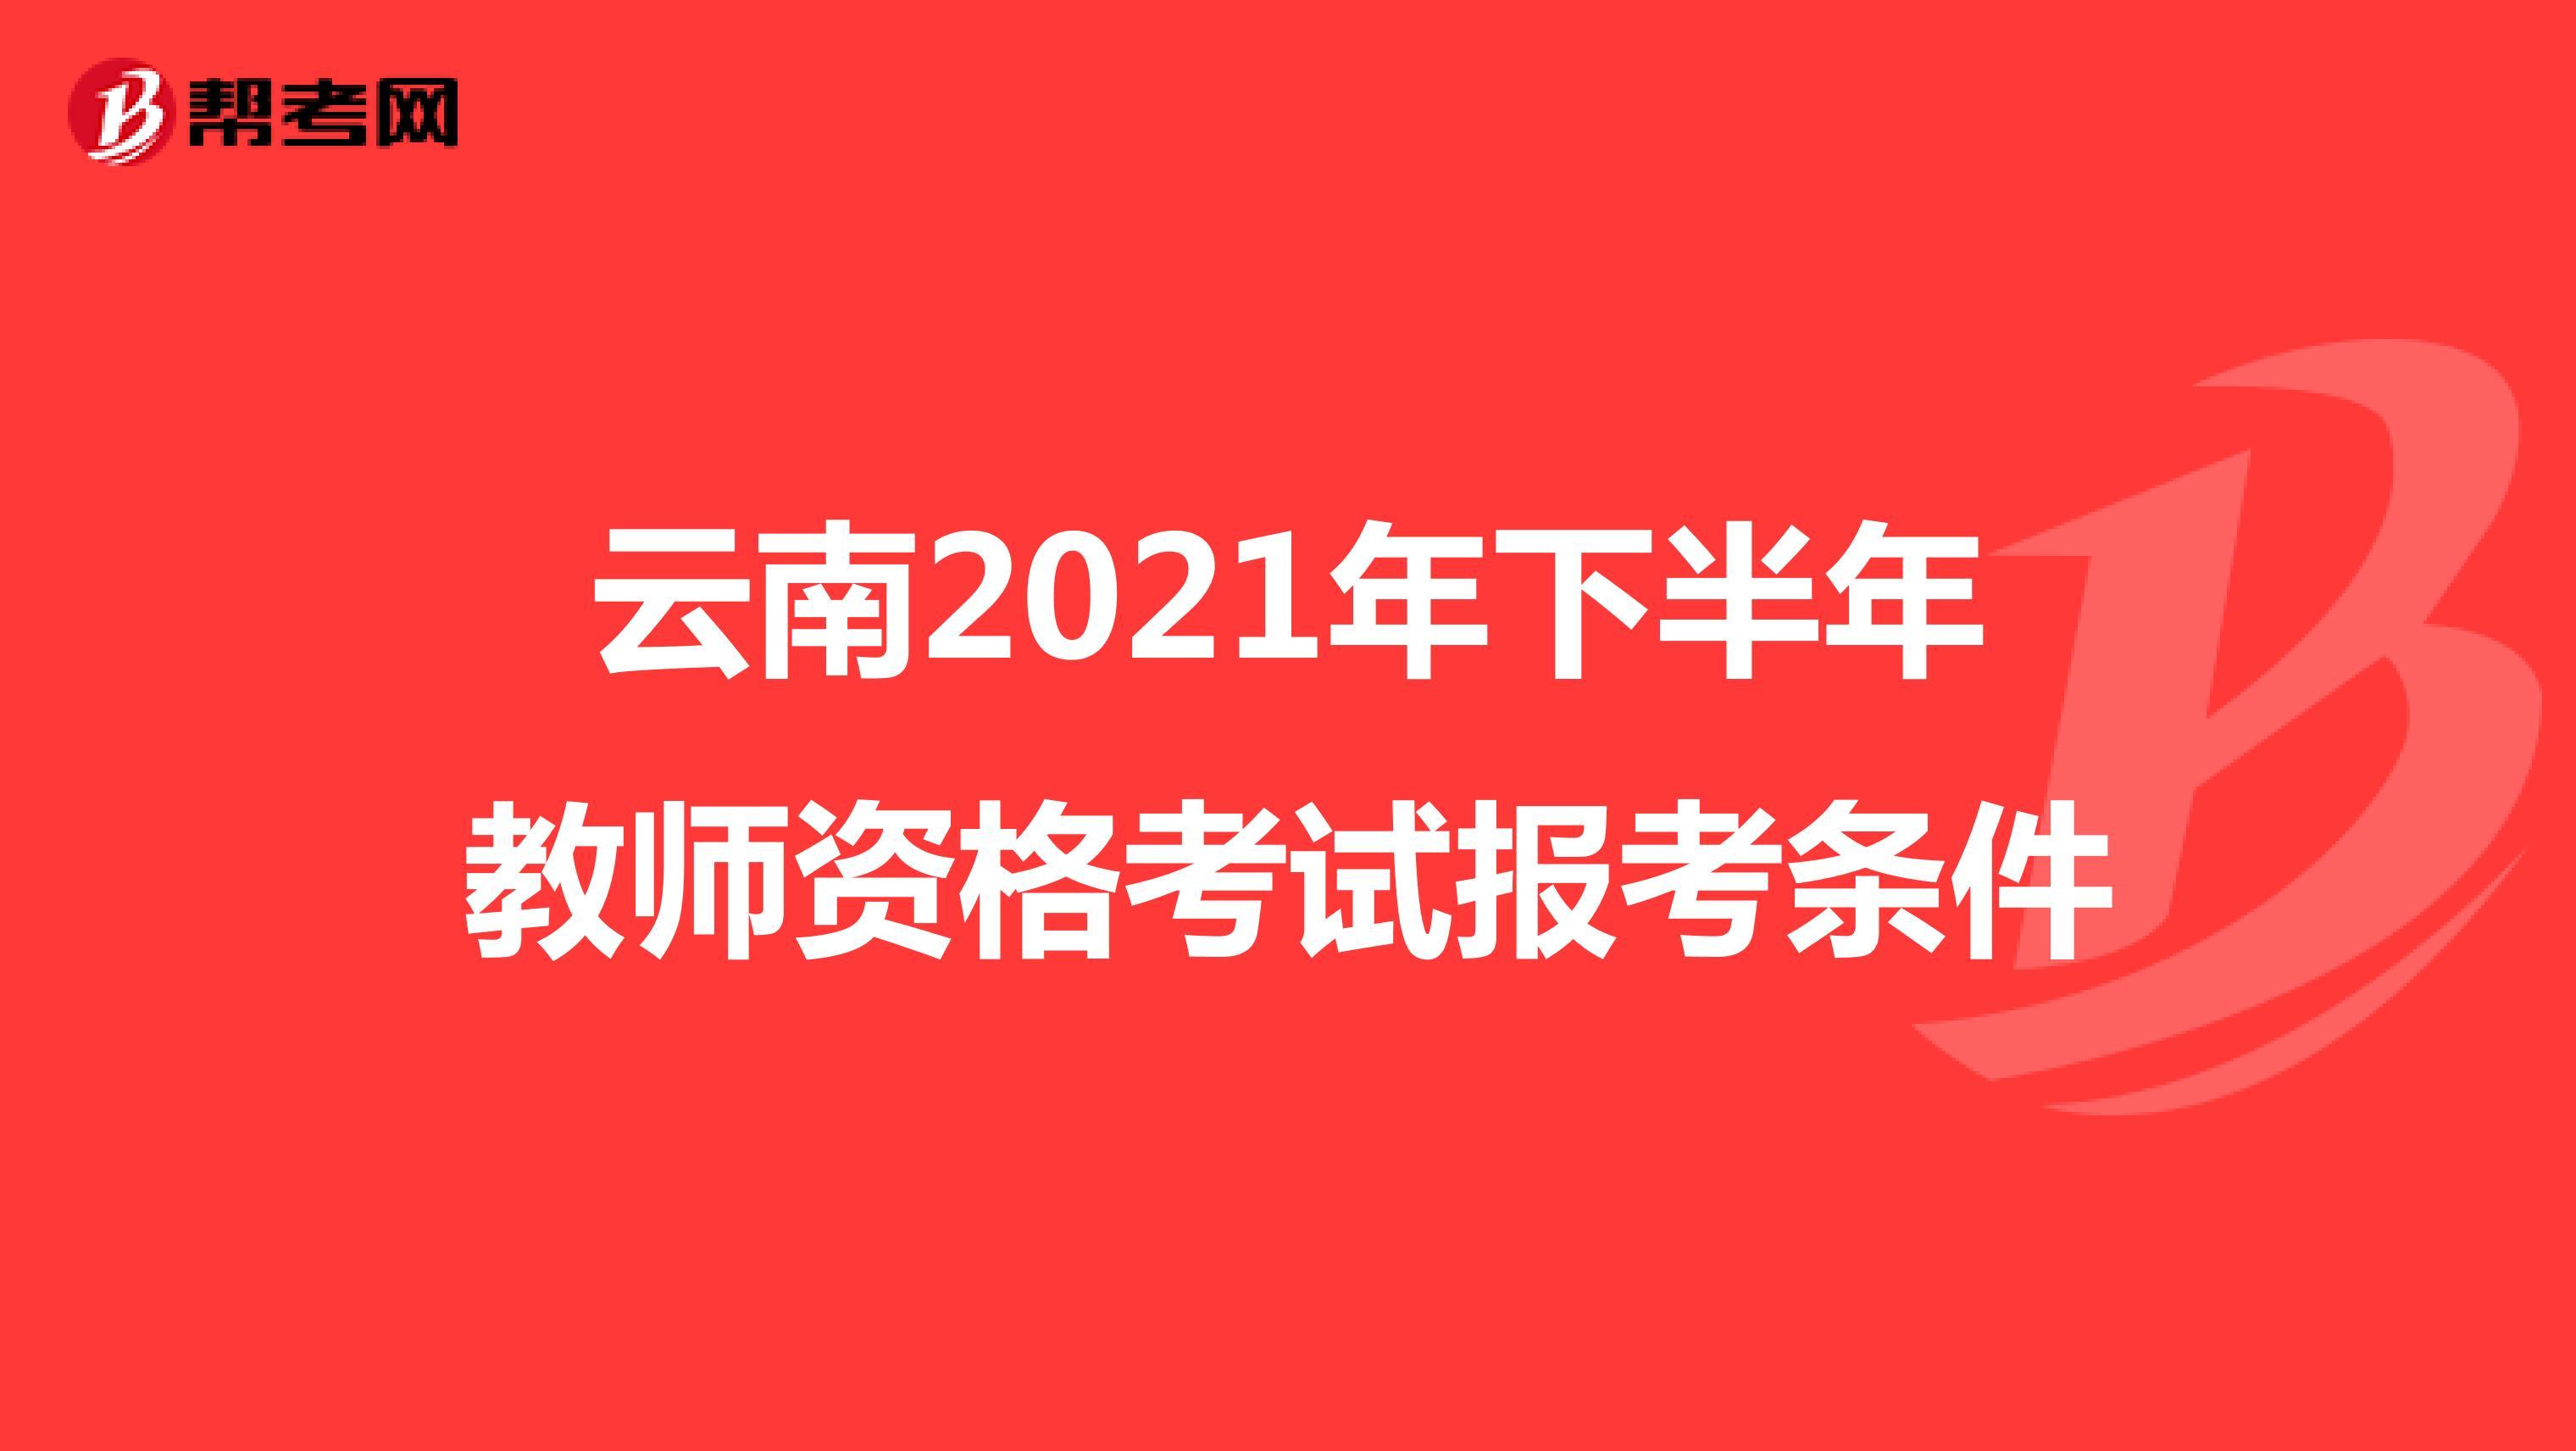 云南2021年下半年教师资格考试报考条件